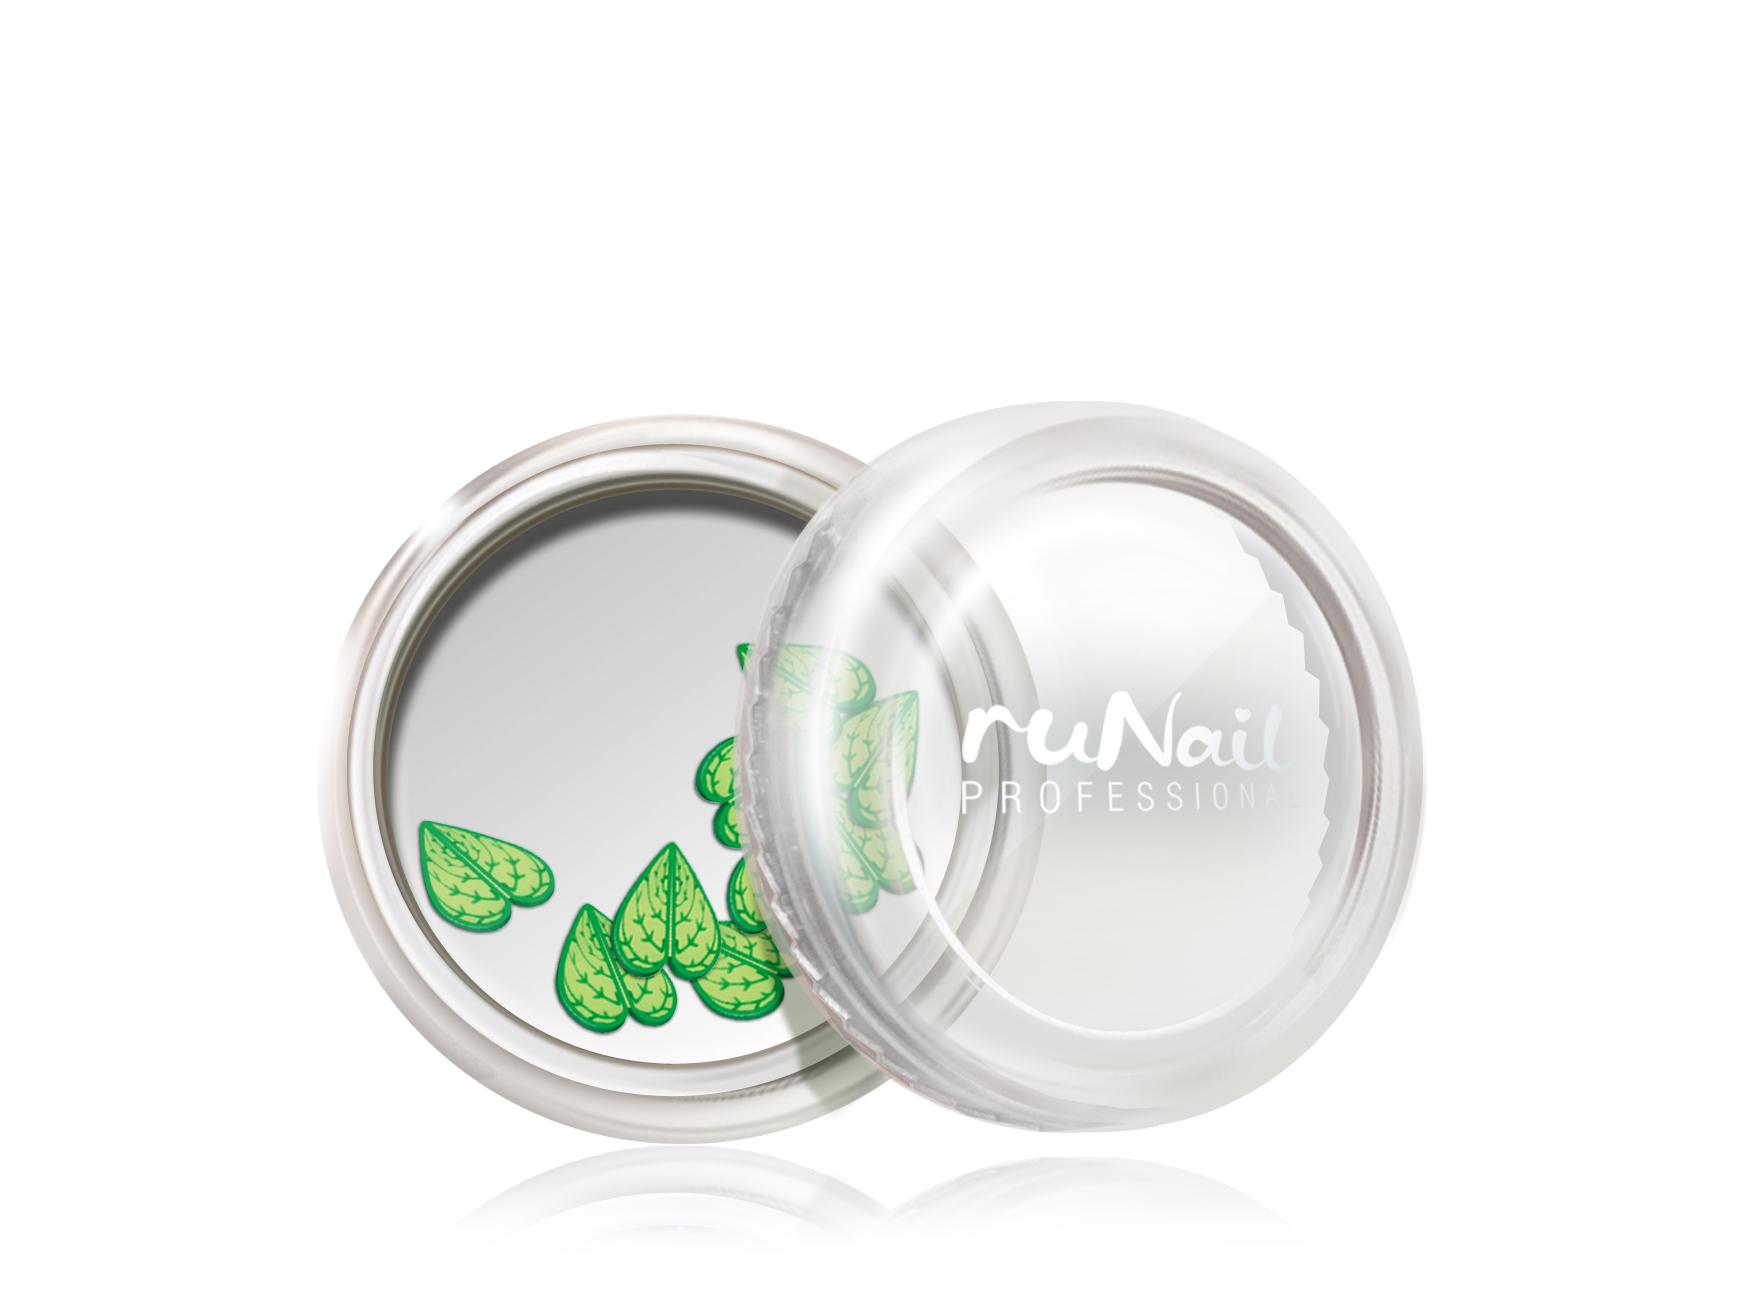 Дизайн для ногтей: резиновые аппликации (широкие листья, цвет: зеленый) №0414